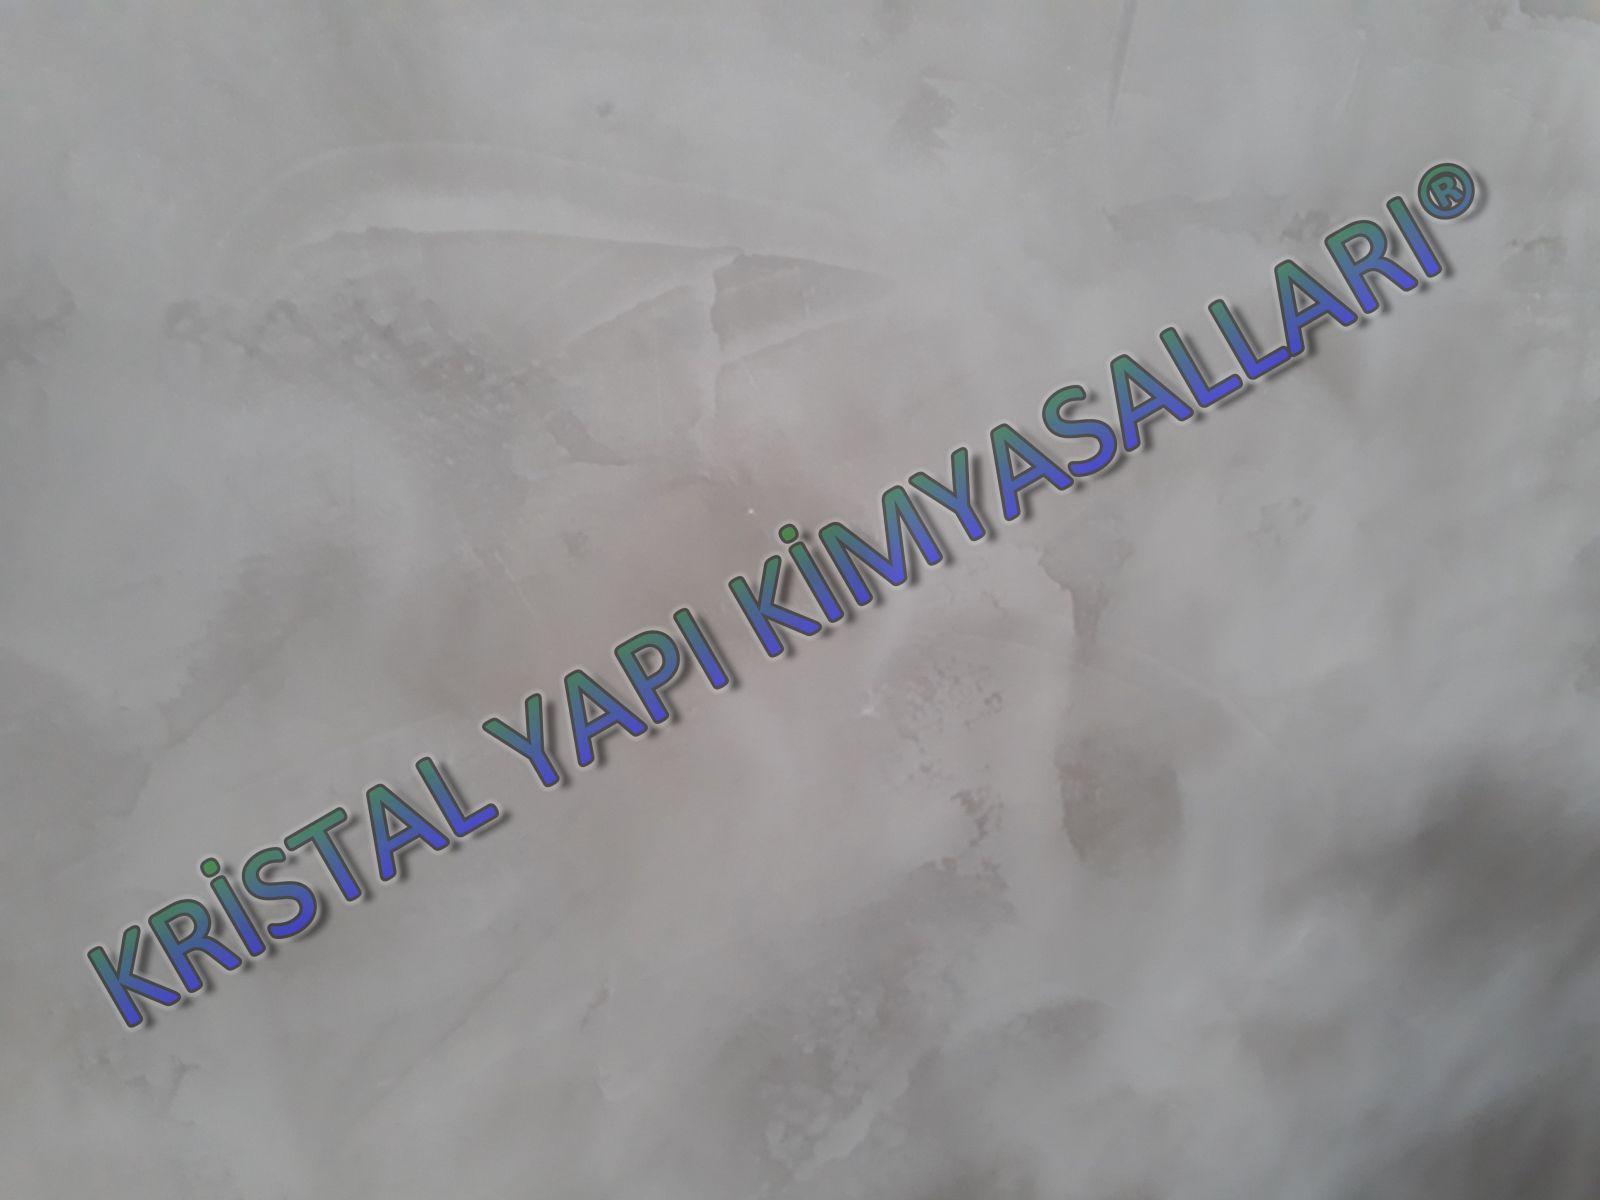 beton+görünümlü+duvar+kaplama, beton+görünümlü+duvar+kaplama+fiyatları, kristawall+fiyatları, kristawall+nedir